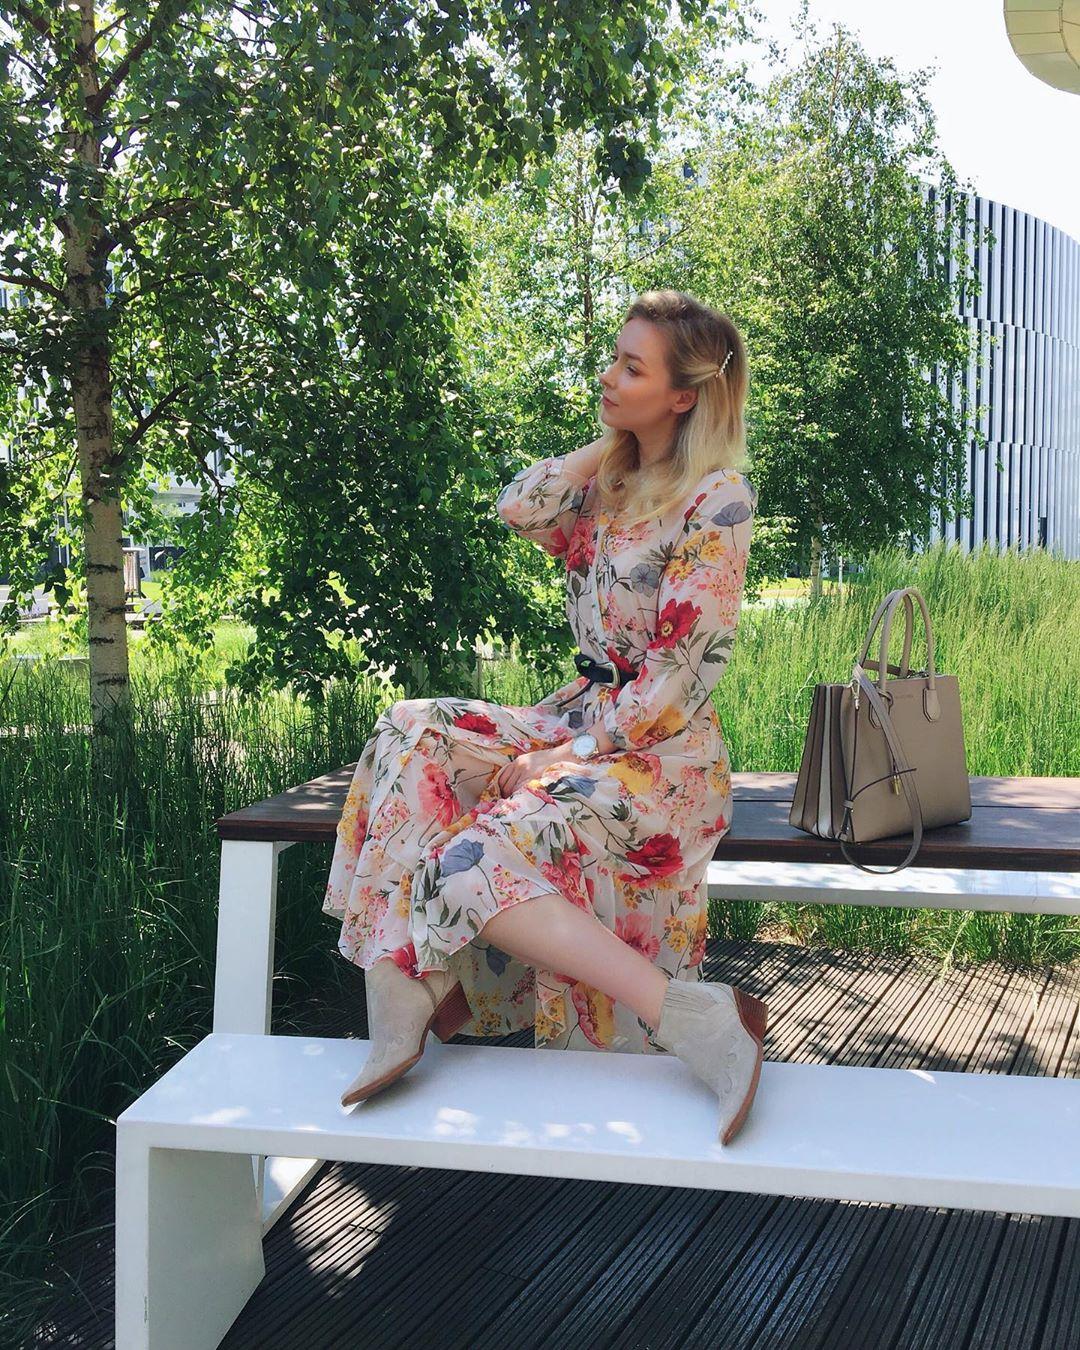 dress with floral print de Zara sur the_makeup_fashionist